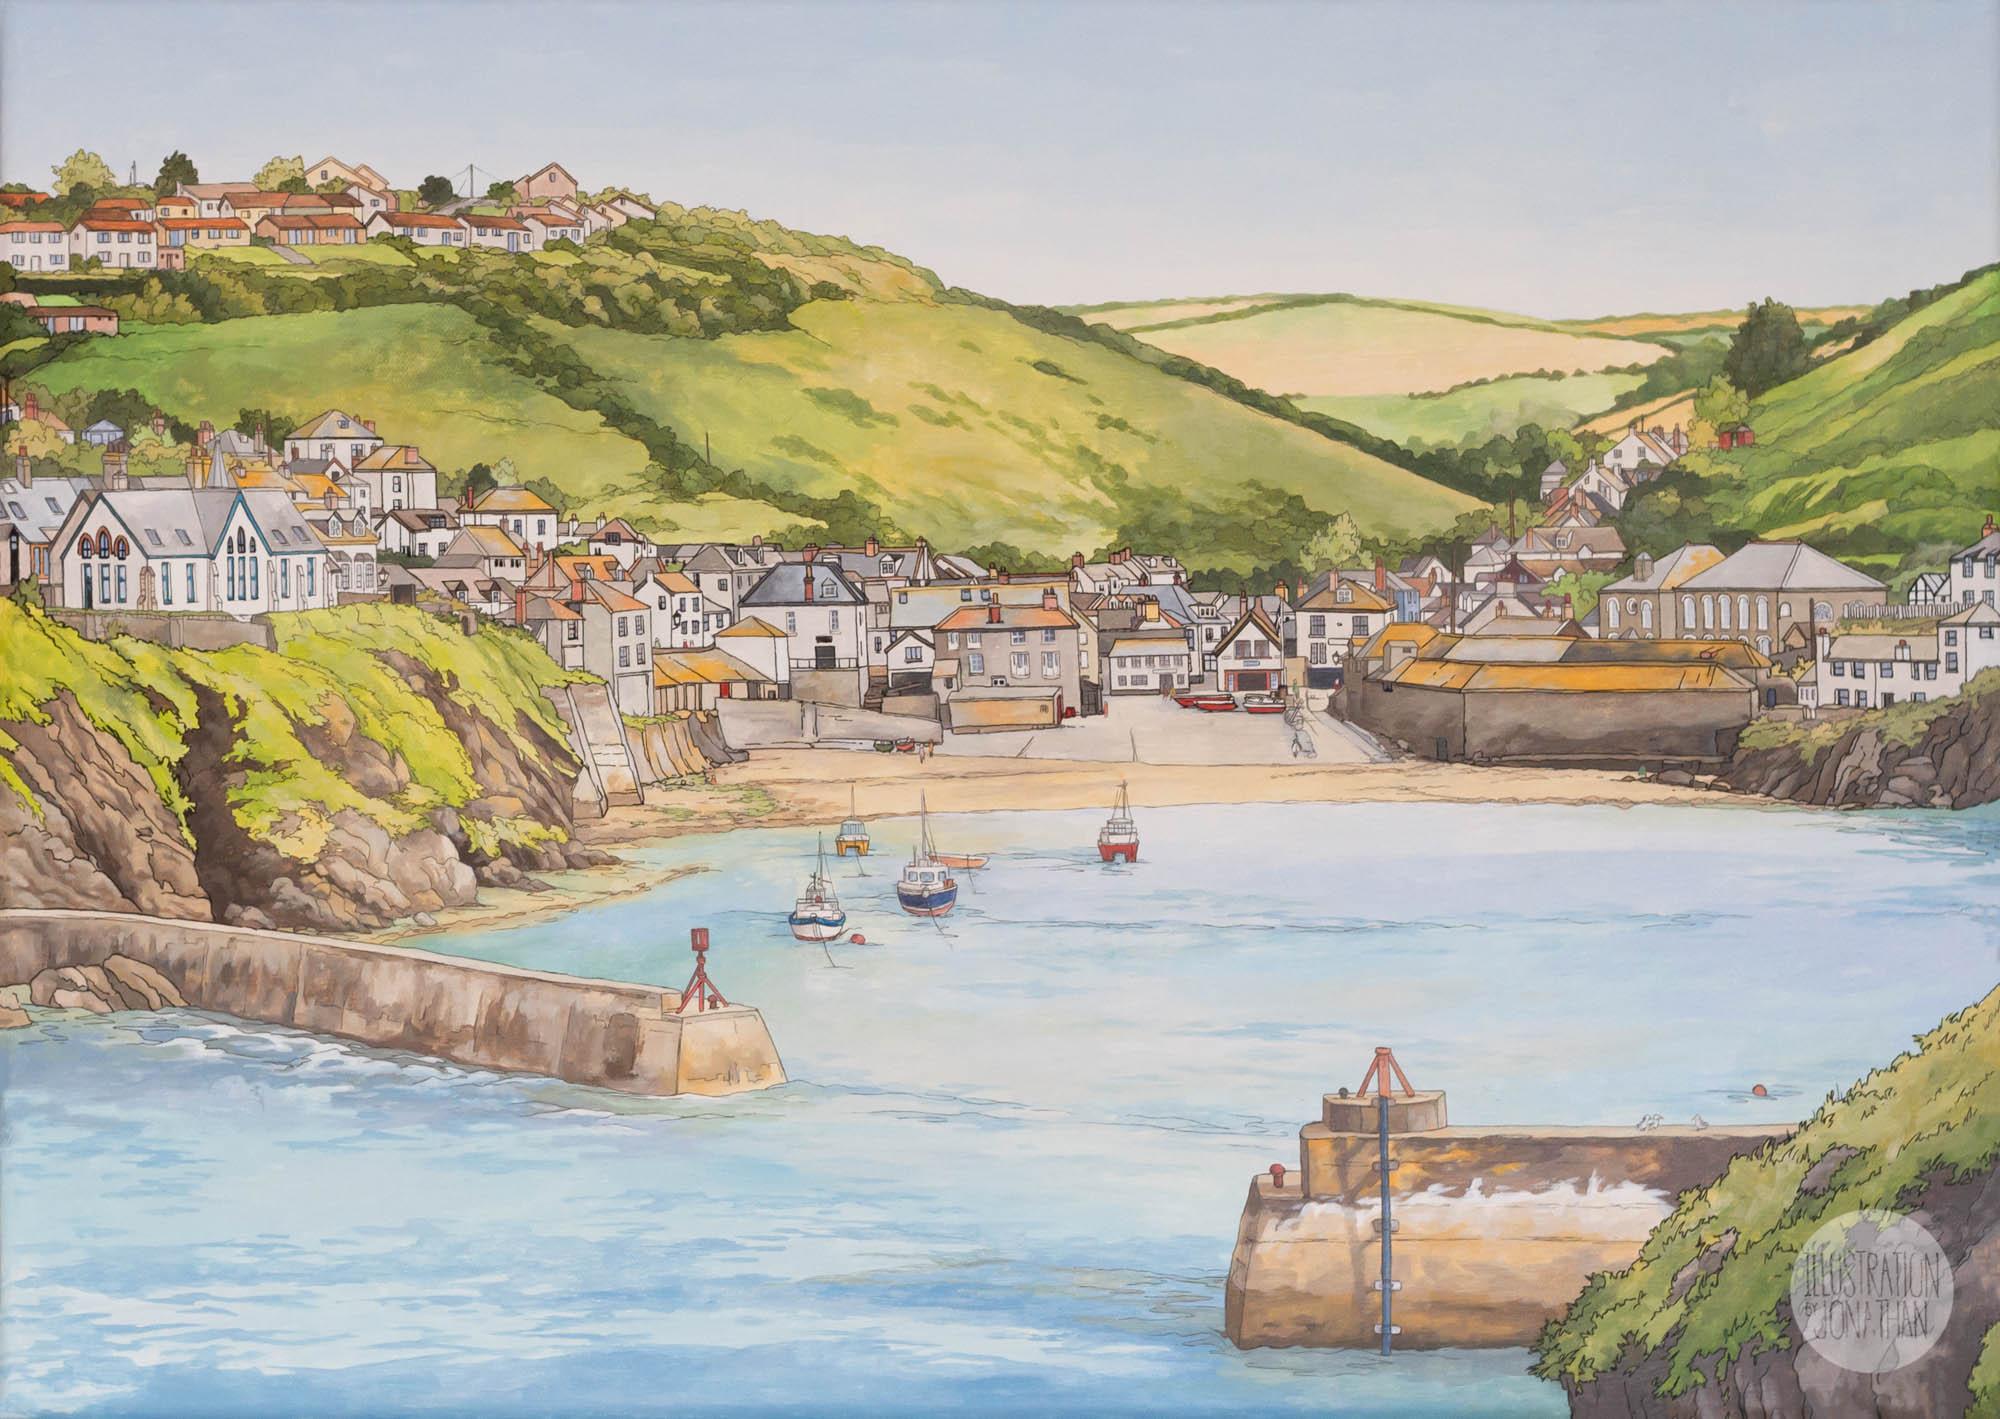 Port Isaac Cornwall - Illustration by Jonathan Chapman